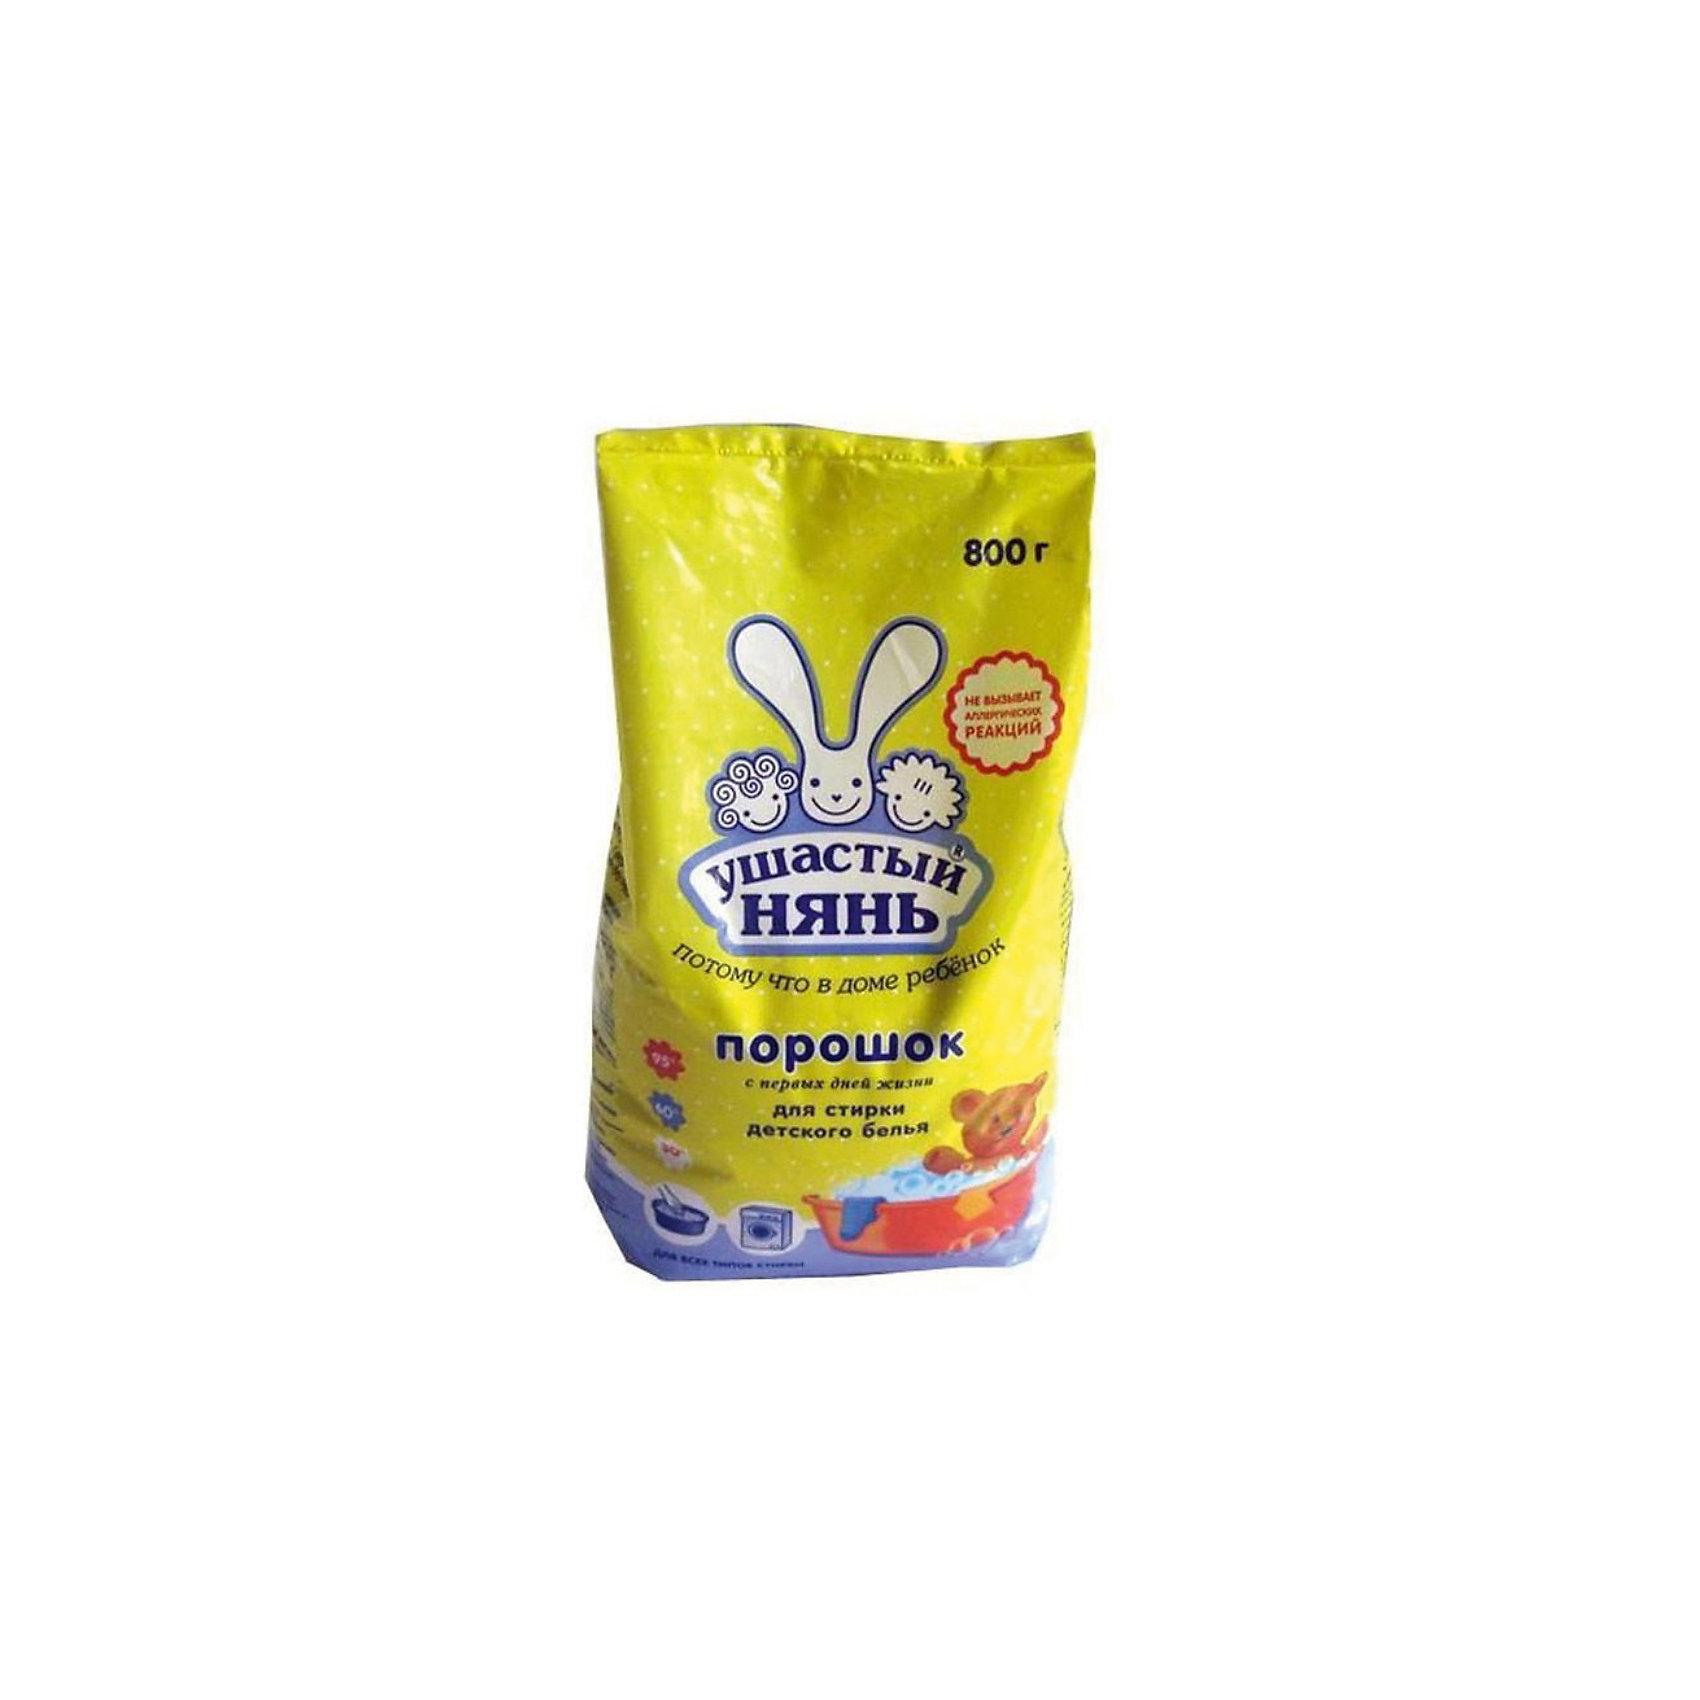 Стиральный порошок, Ушастый нянь, 800 г.Бытовая химия<br>Гипоаллергенный Стиральный порошок, Ушастый нянь, 800 г. с приятным цветочно-фруктовым ароматом, не содержащий мыла, идеально подходит для стирки детских вещей. Формула порошка создавалась с учетом особенностей загрязнений, которые, как правило, появляются на детских вещах. Он легко удаляет пятна, не разрушая структуру волокон и сохраняя яркость цветов. <br><br>Особенности:<br>-Предназначено для стирки детских изделий из хлопчато-бумажных, льняных, синтетических тканей, а также тканей из смешанных волокон как вручную, так и в стиральных машинах <br>-Может использоваться для стирки в температурных режимах от 30 до 95 C<br>-Замечательно справляется с загрязнениями биологического происхождения (пятна от молока, яиц, фруктовых пюре, каш, а также продуктов жизнедеятельности малышей).<br>-Порошок полностью вымывается из ткани, поэтому не сможет вызвать аллергических реакций у ребенка<br>-Безопасен для детей, склонных к аллергии<br><br>Дополнительная информация:<br><br>-вес: 800 г <br>-для всех типов стирки <br>-упаковка: пластиковый пакет <br><br>Благодаря своим особенностям порошок «Ушастый нянь» может быть рекомендован даже для детей, склонных к аллергии, что подтверждают специалисты ФГУ РНИИТО им. Р. Р. Вредена Росмедтехнологий (Санкт-Петербург).<br><br>Стиральный порошок, Ушастый нянь, 800 г. можно купить в нашем магазине.<br><br>Ширина мм: 58<br>Глубина мм: 41<br>Высота мм: 130<br>Вес г: 800<br>Возраст от месяцев: 0<br>Возраст до месяцев: 36<br>Пол: Унисекс<br>Возраст: Детский<br>SKU: 3713841